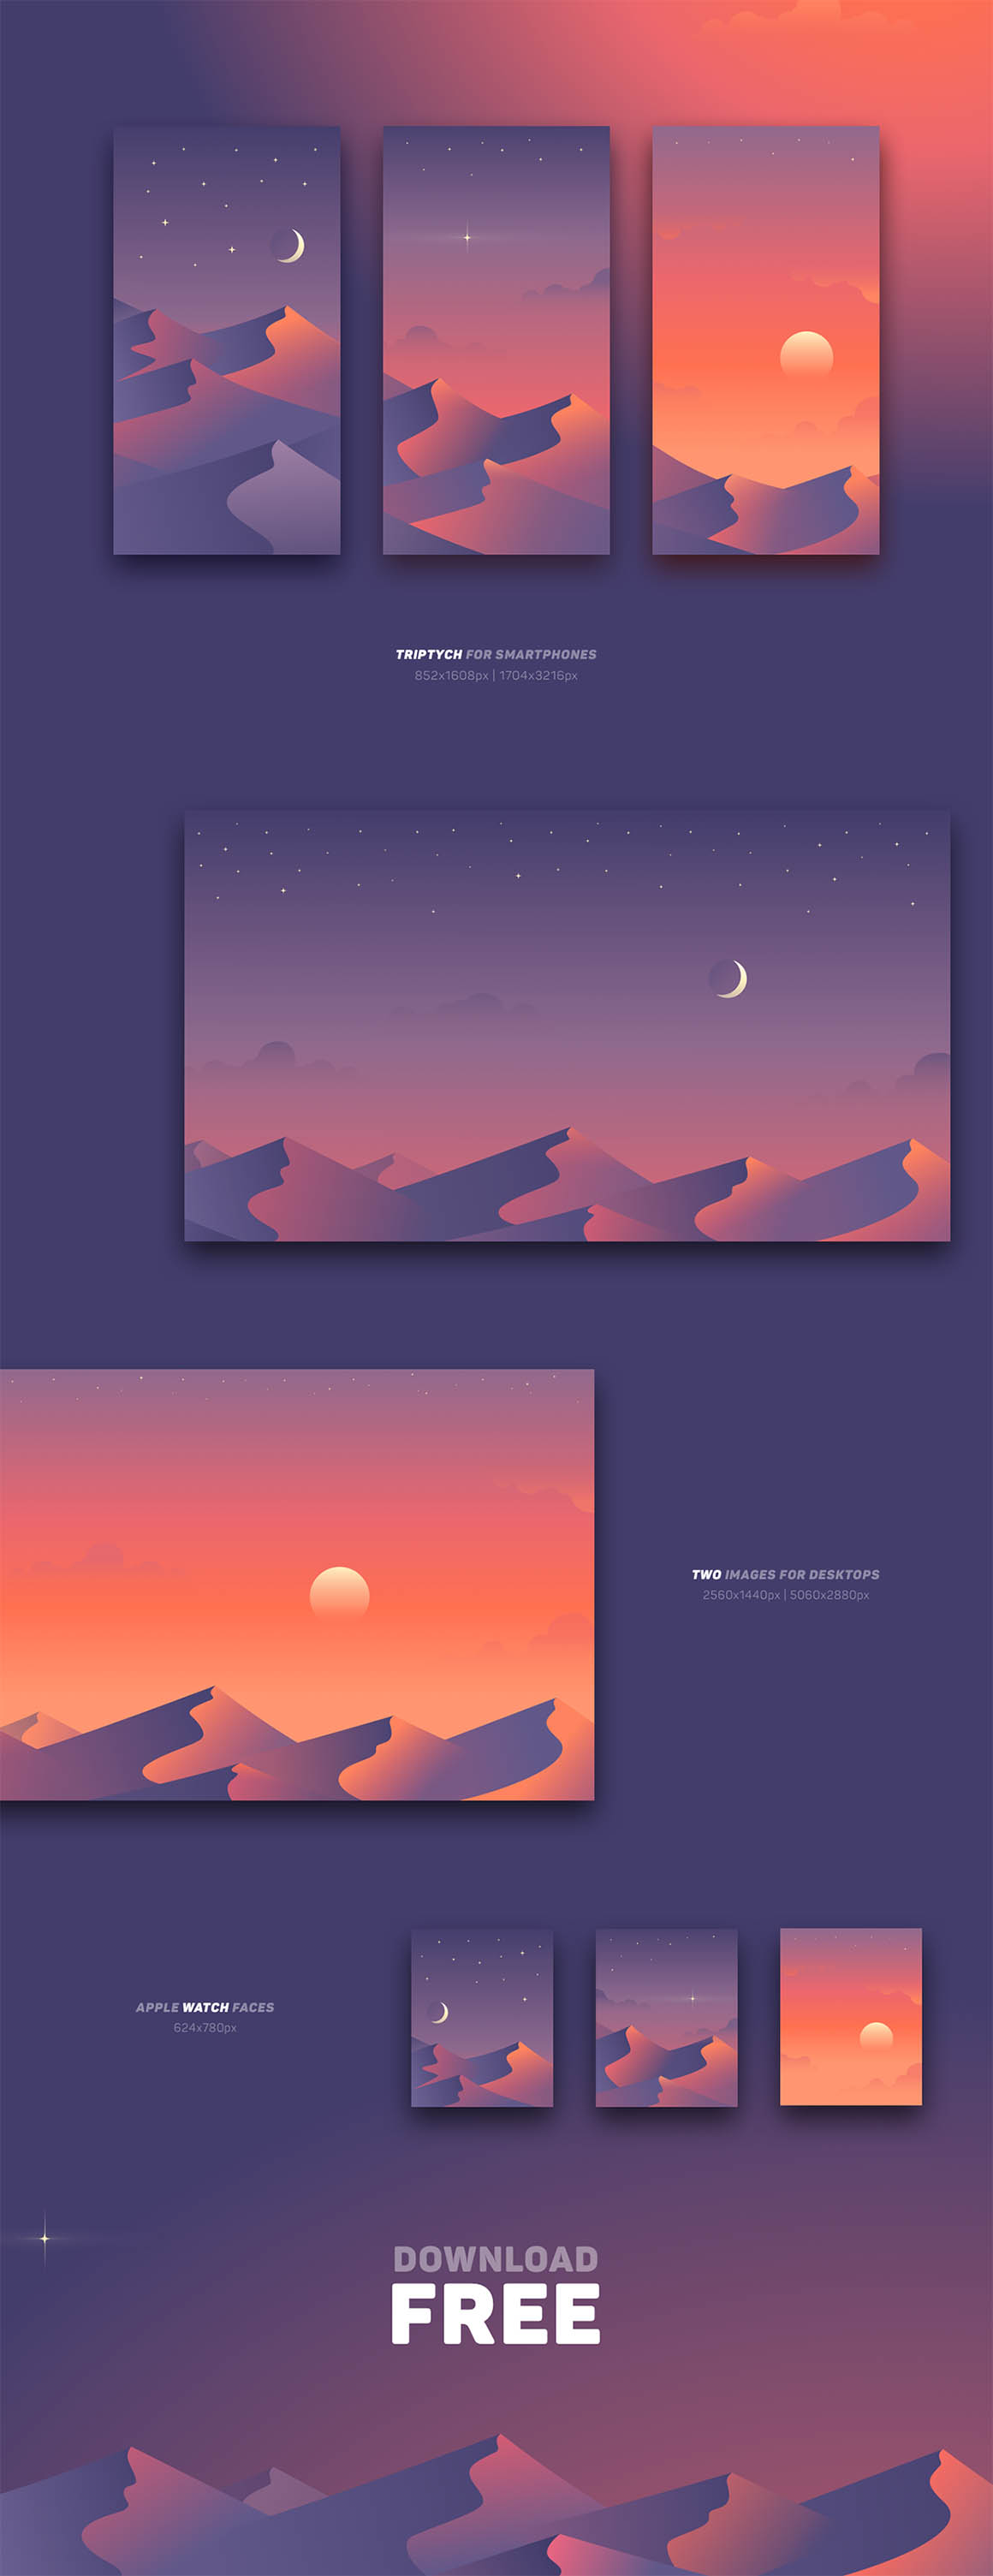 desertnights2